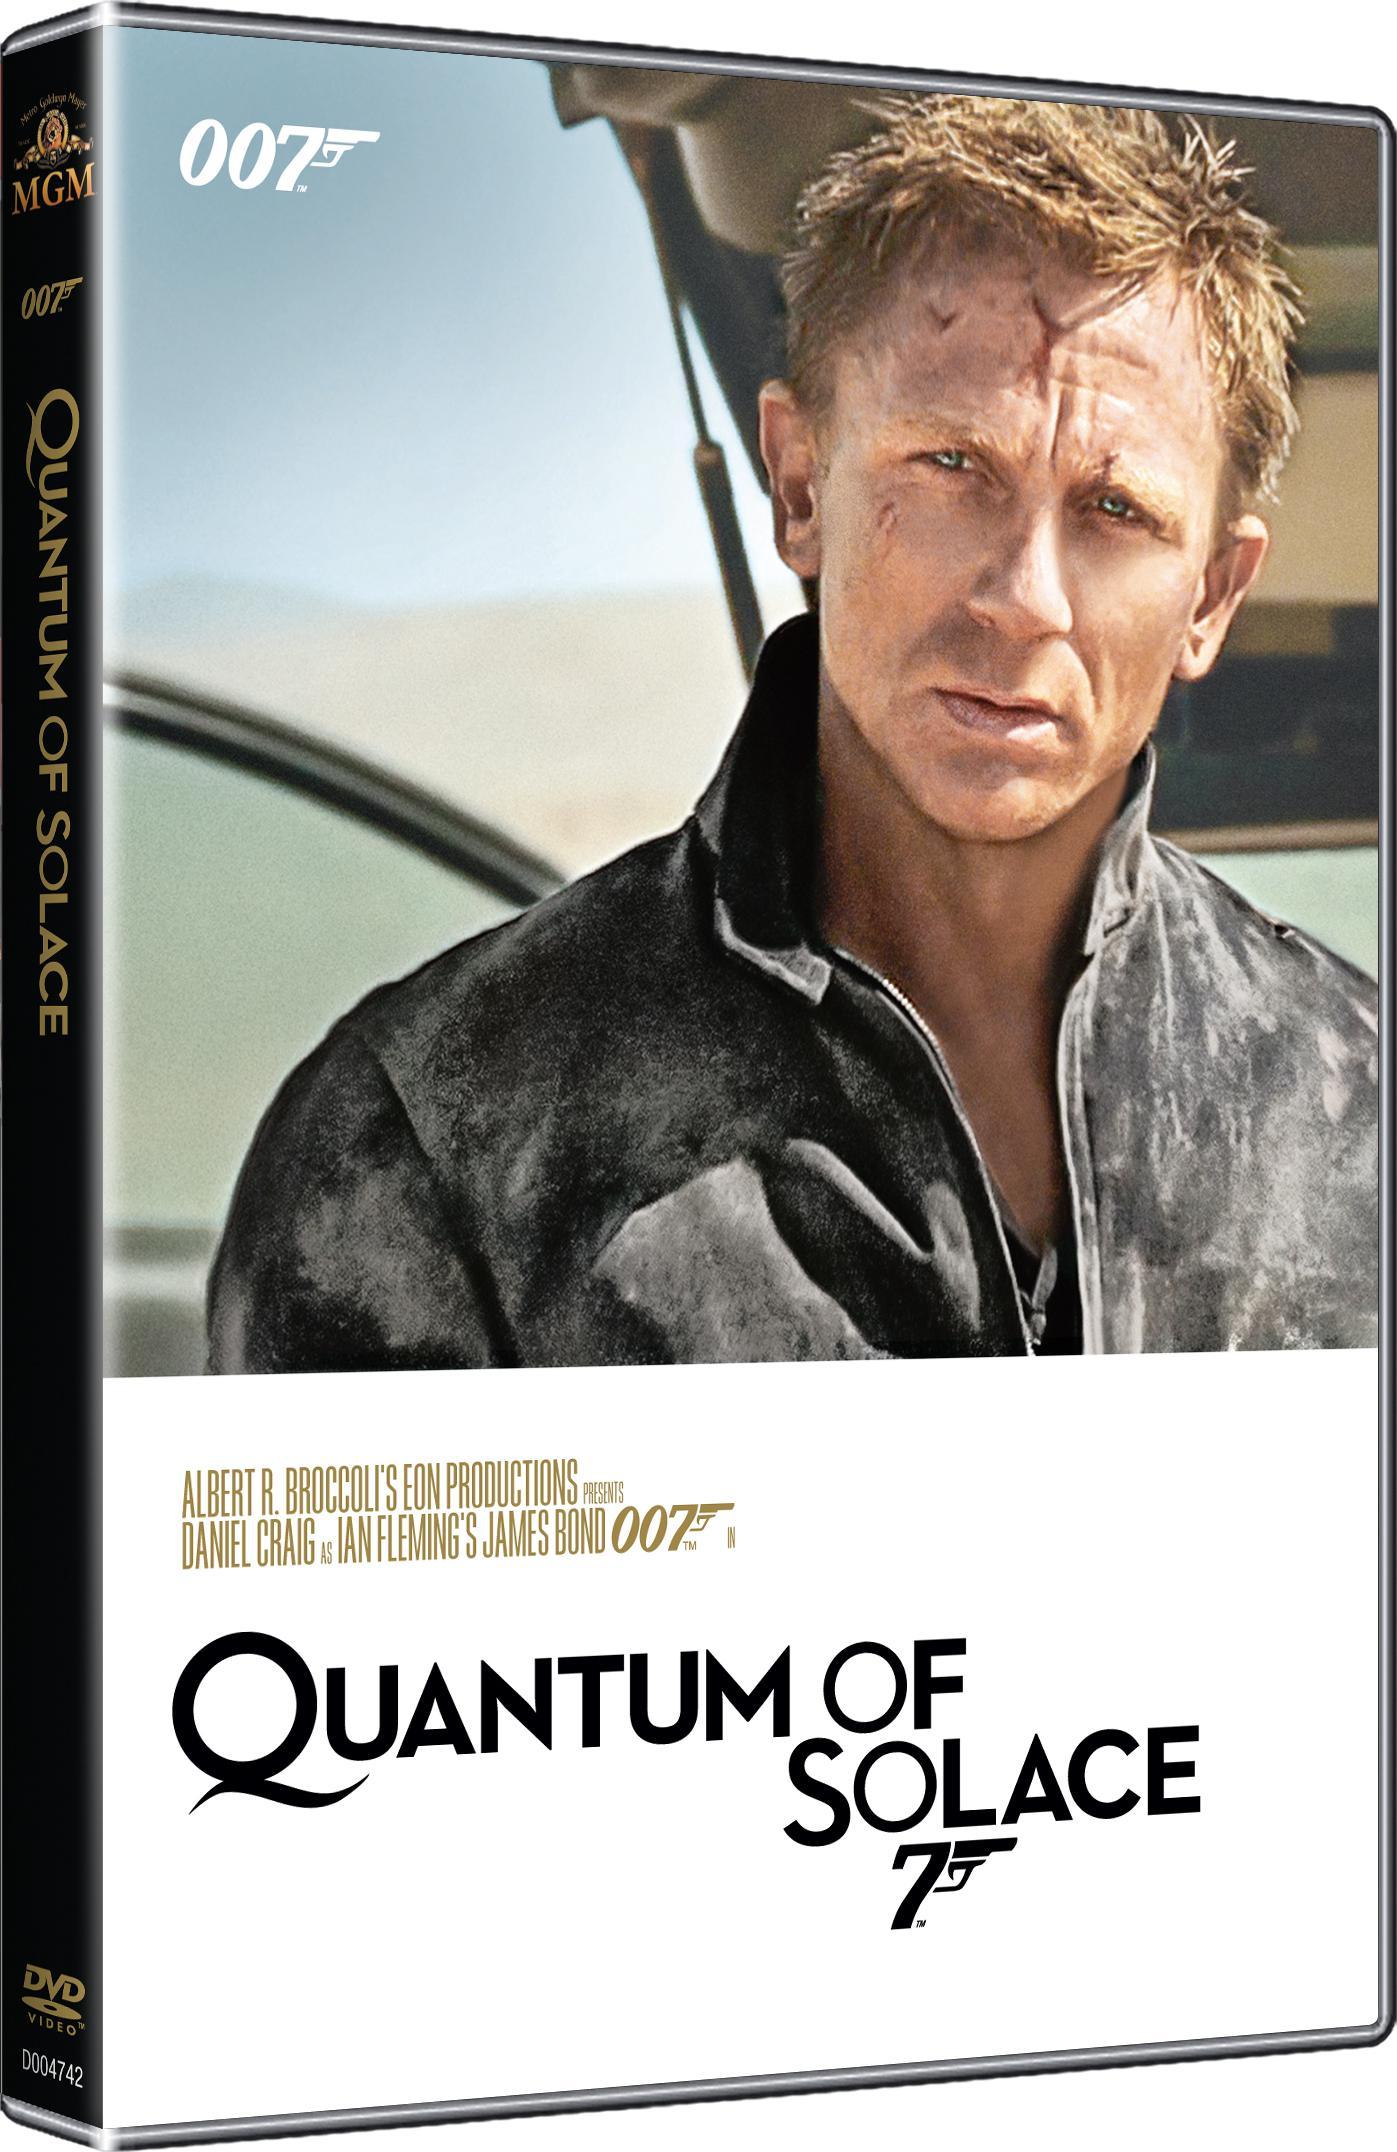 Quantum of Solace (James Bond 007 - 022) - kolekce 2015 (DVD)